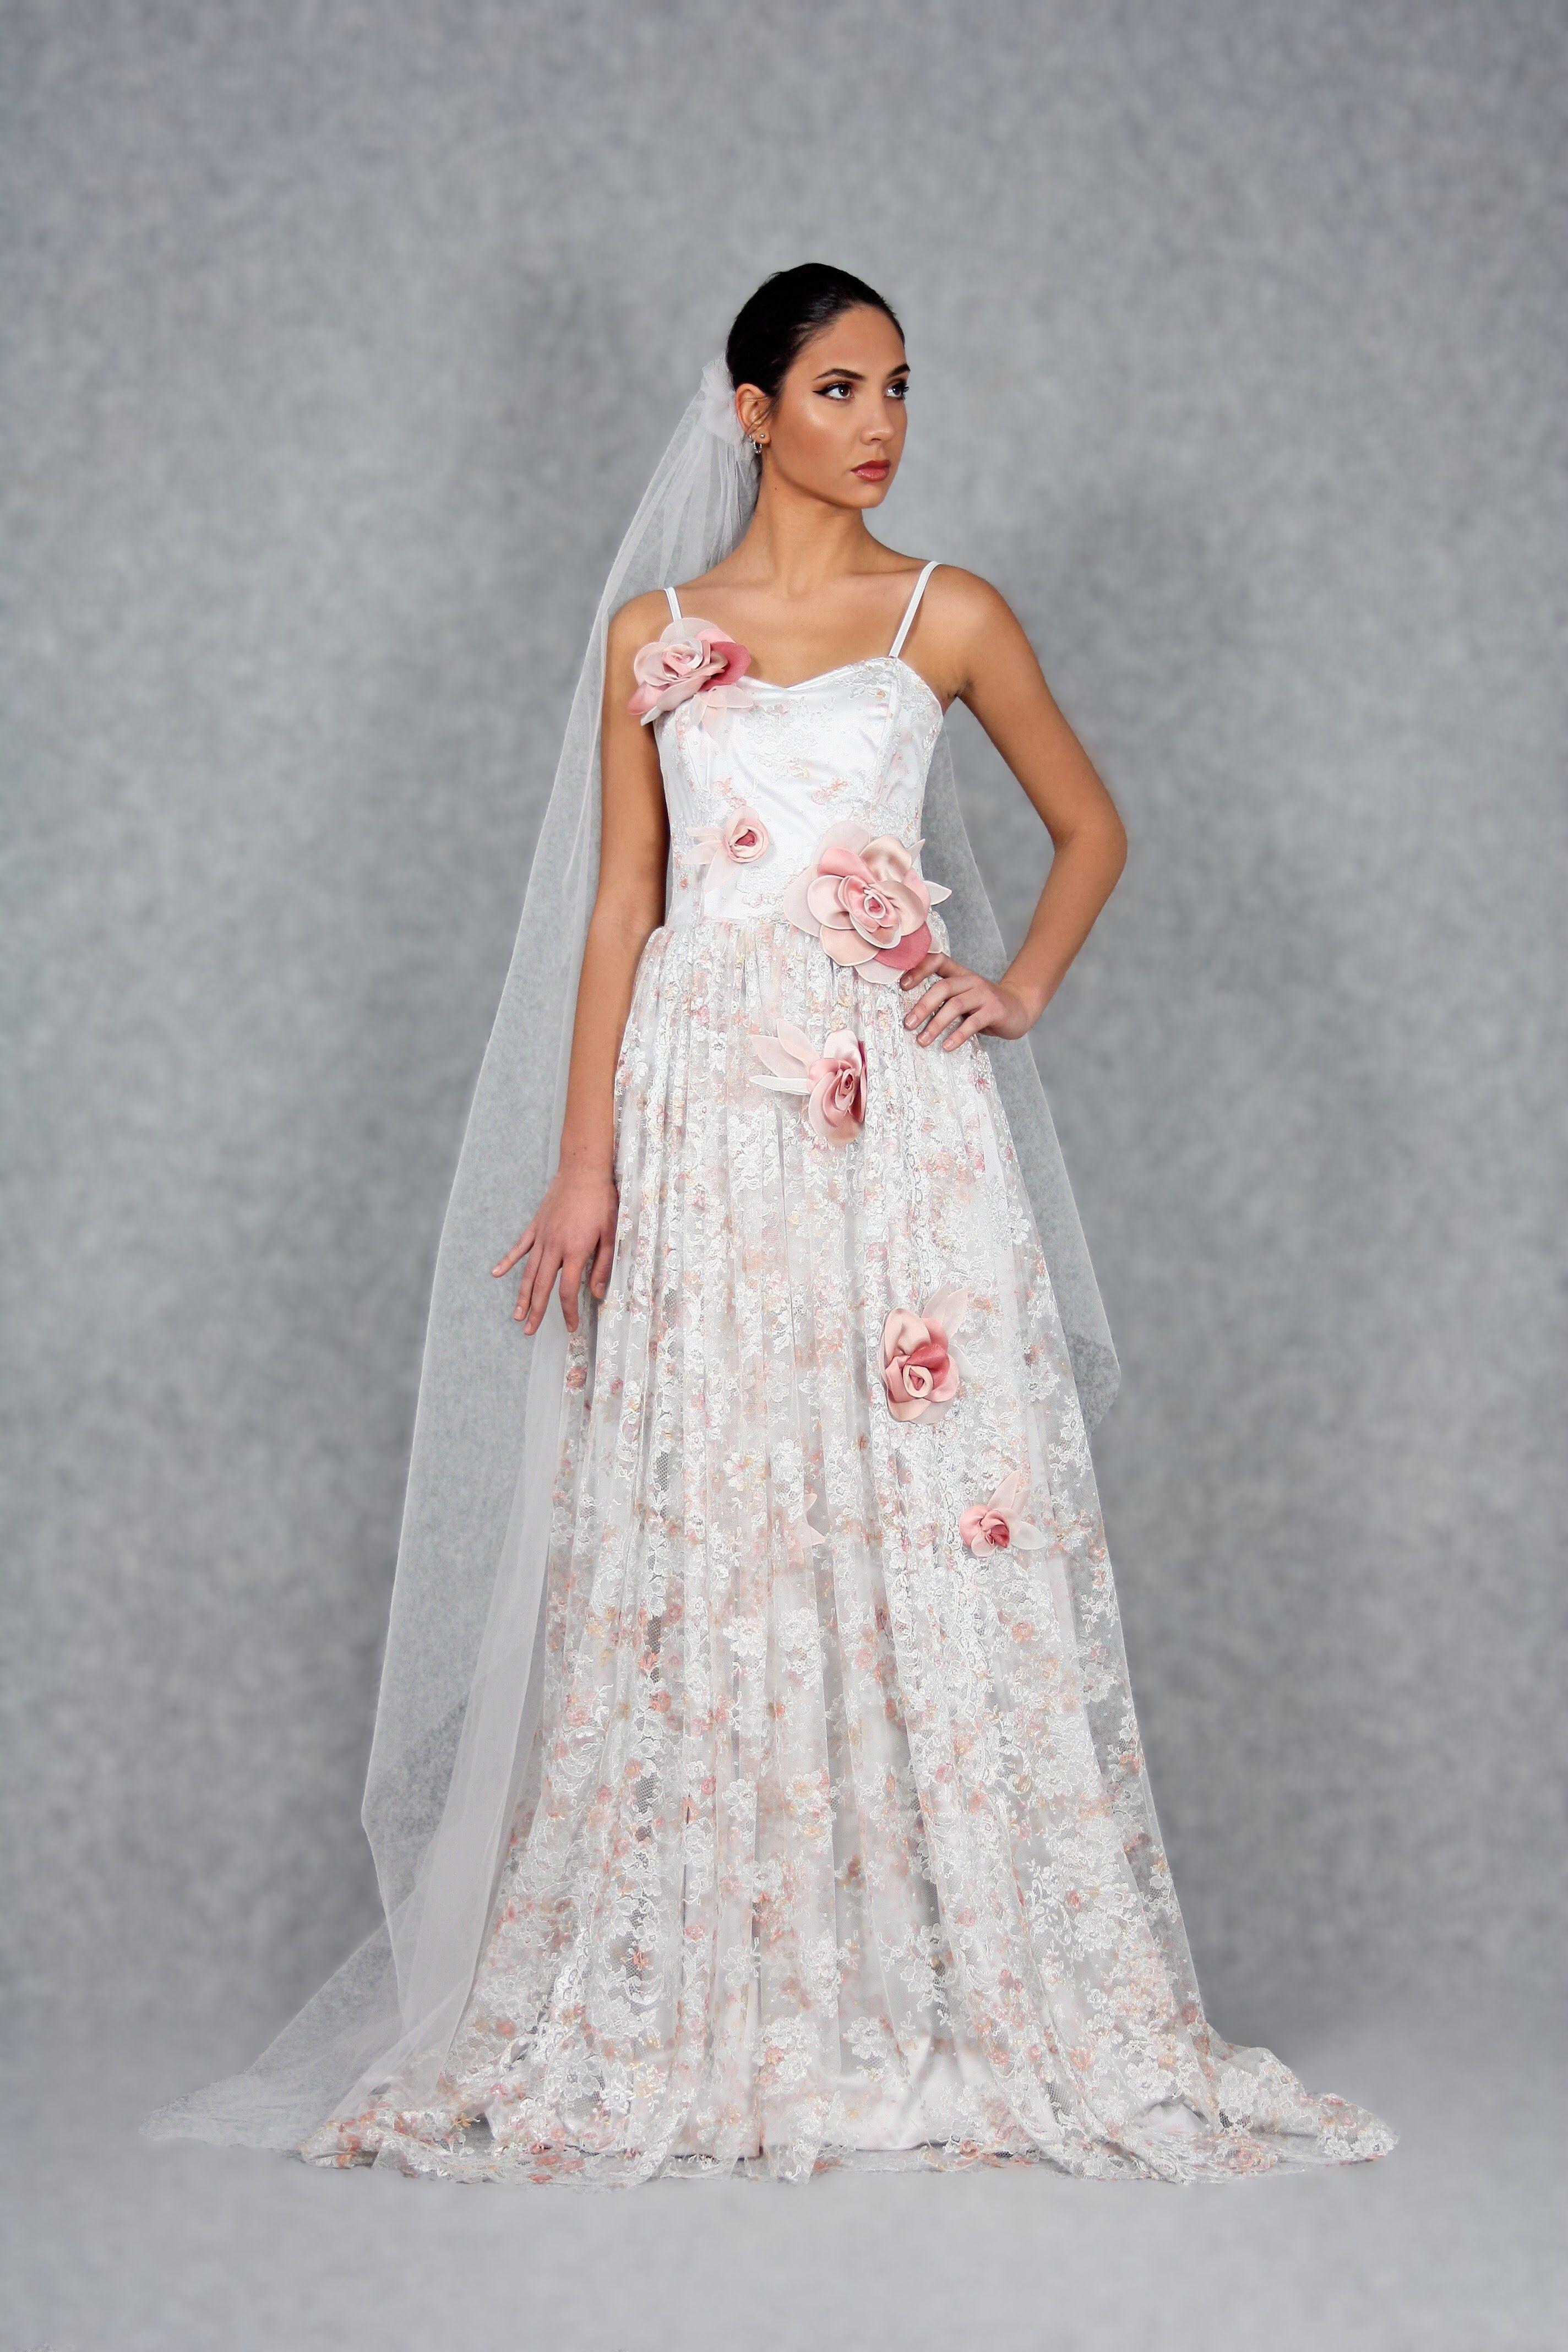 Abito da sposa in pizzo chantilly in tonalità grigio perla e rosa pallido,  finemente decorato